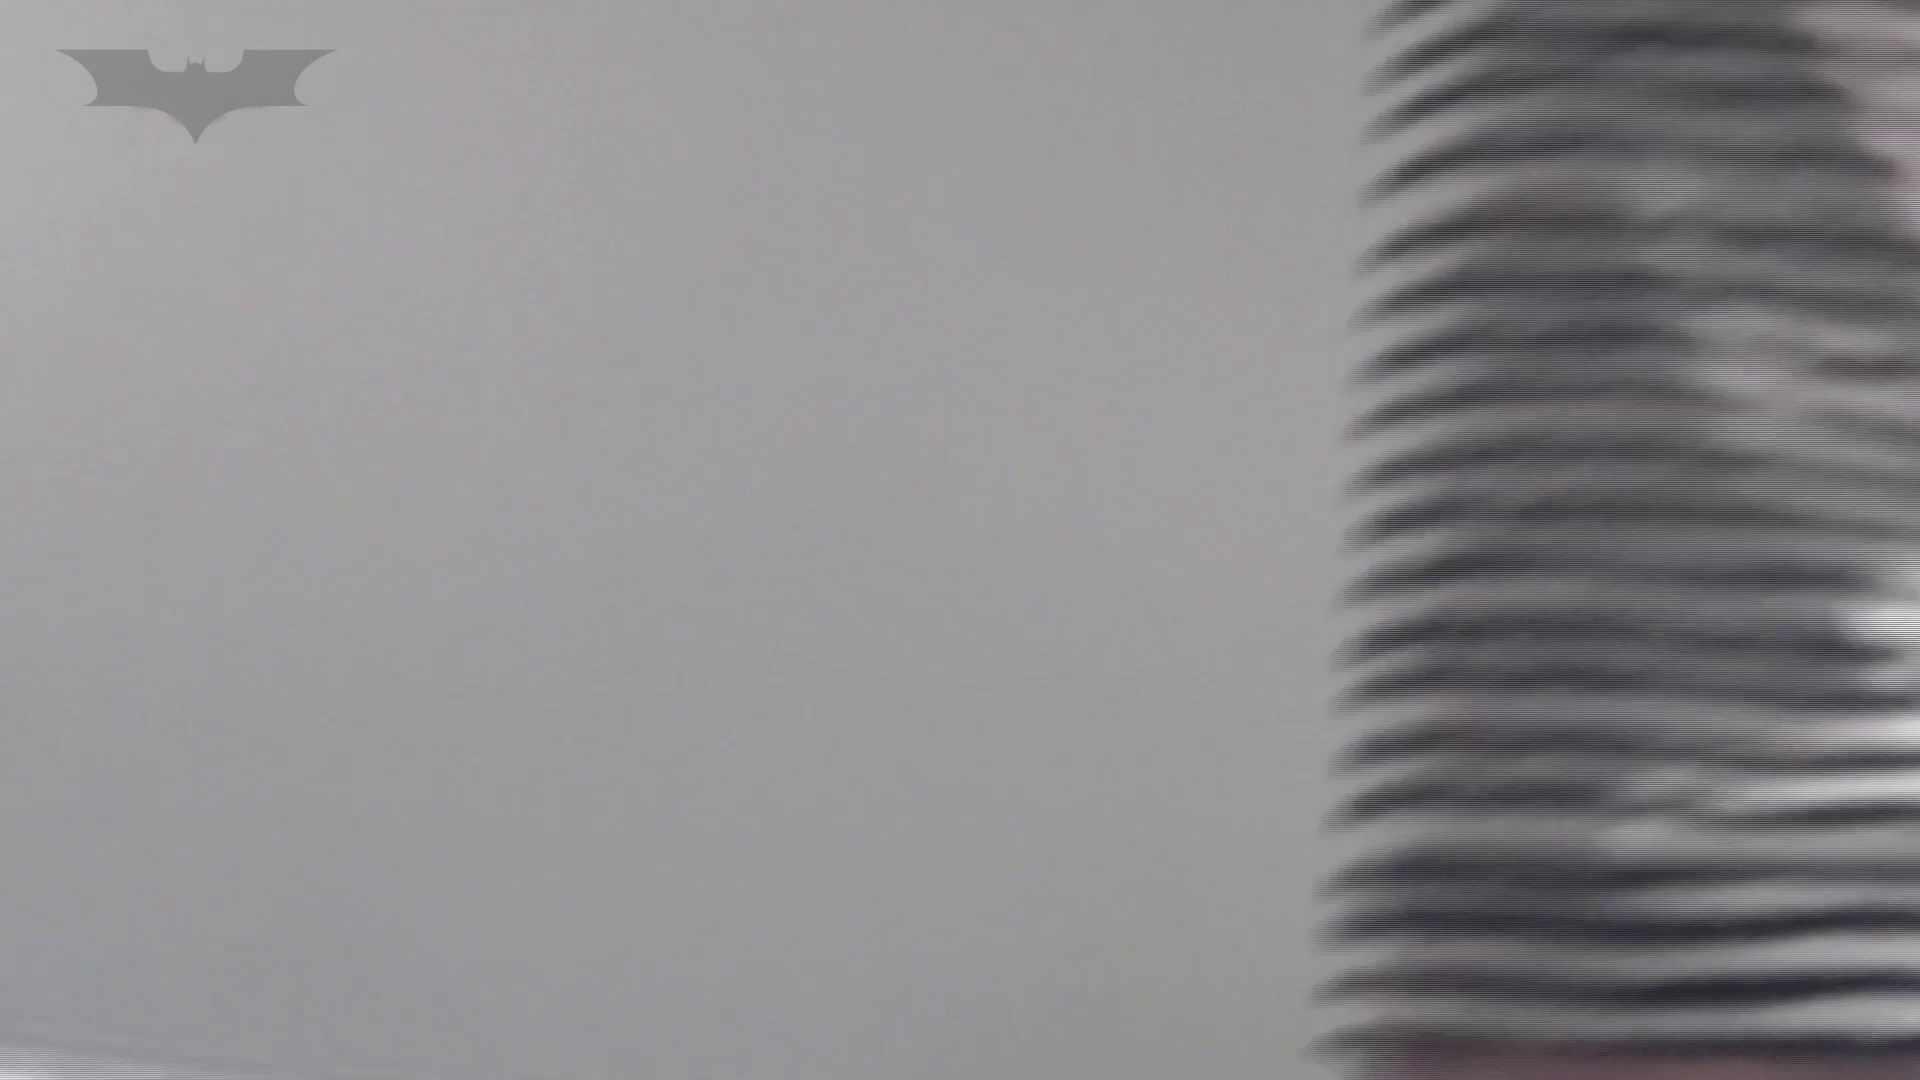 潜入!!台湾名門女学院 Vol.04 二ケツ同時撮り!! 盗撮映像大放出  67連発 12